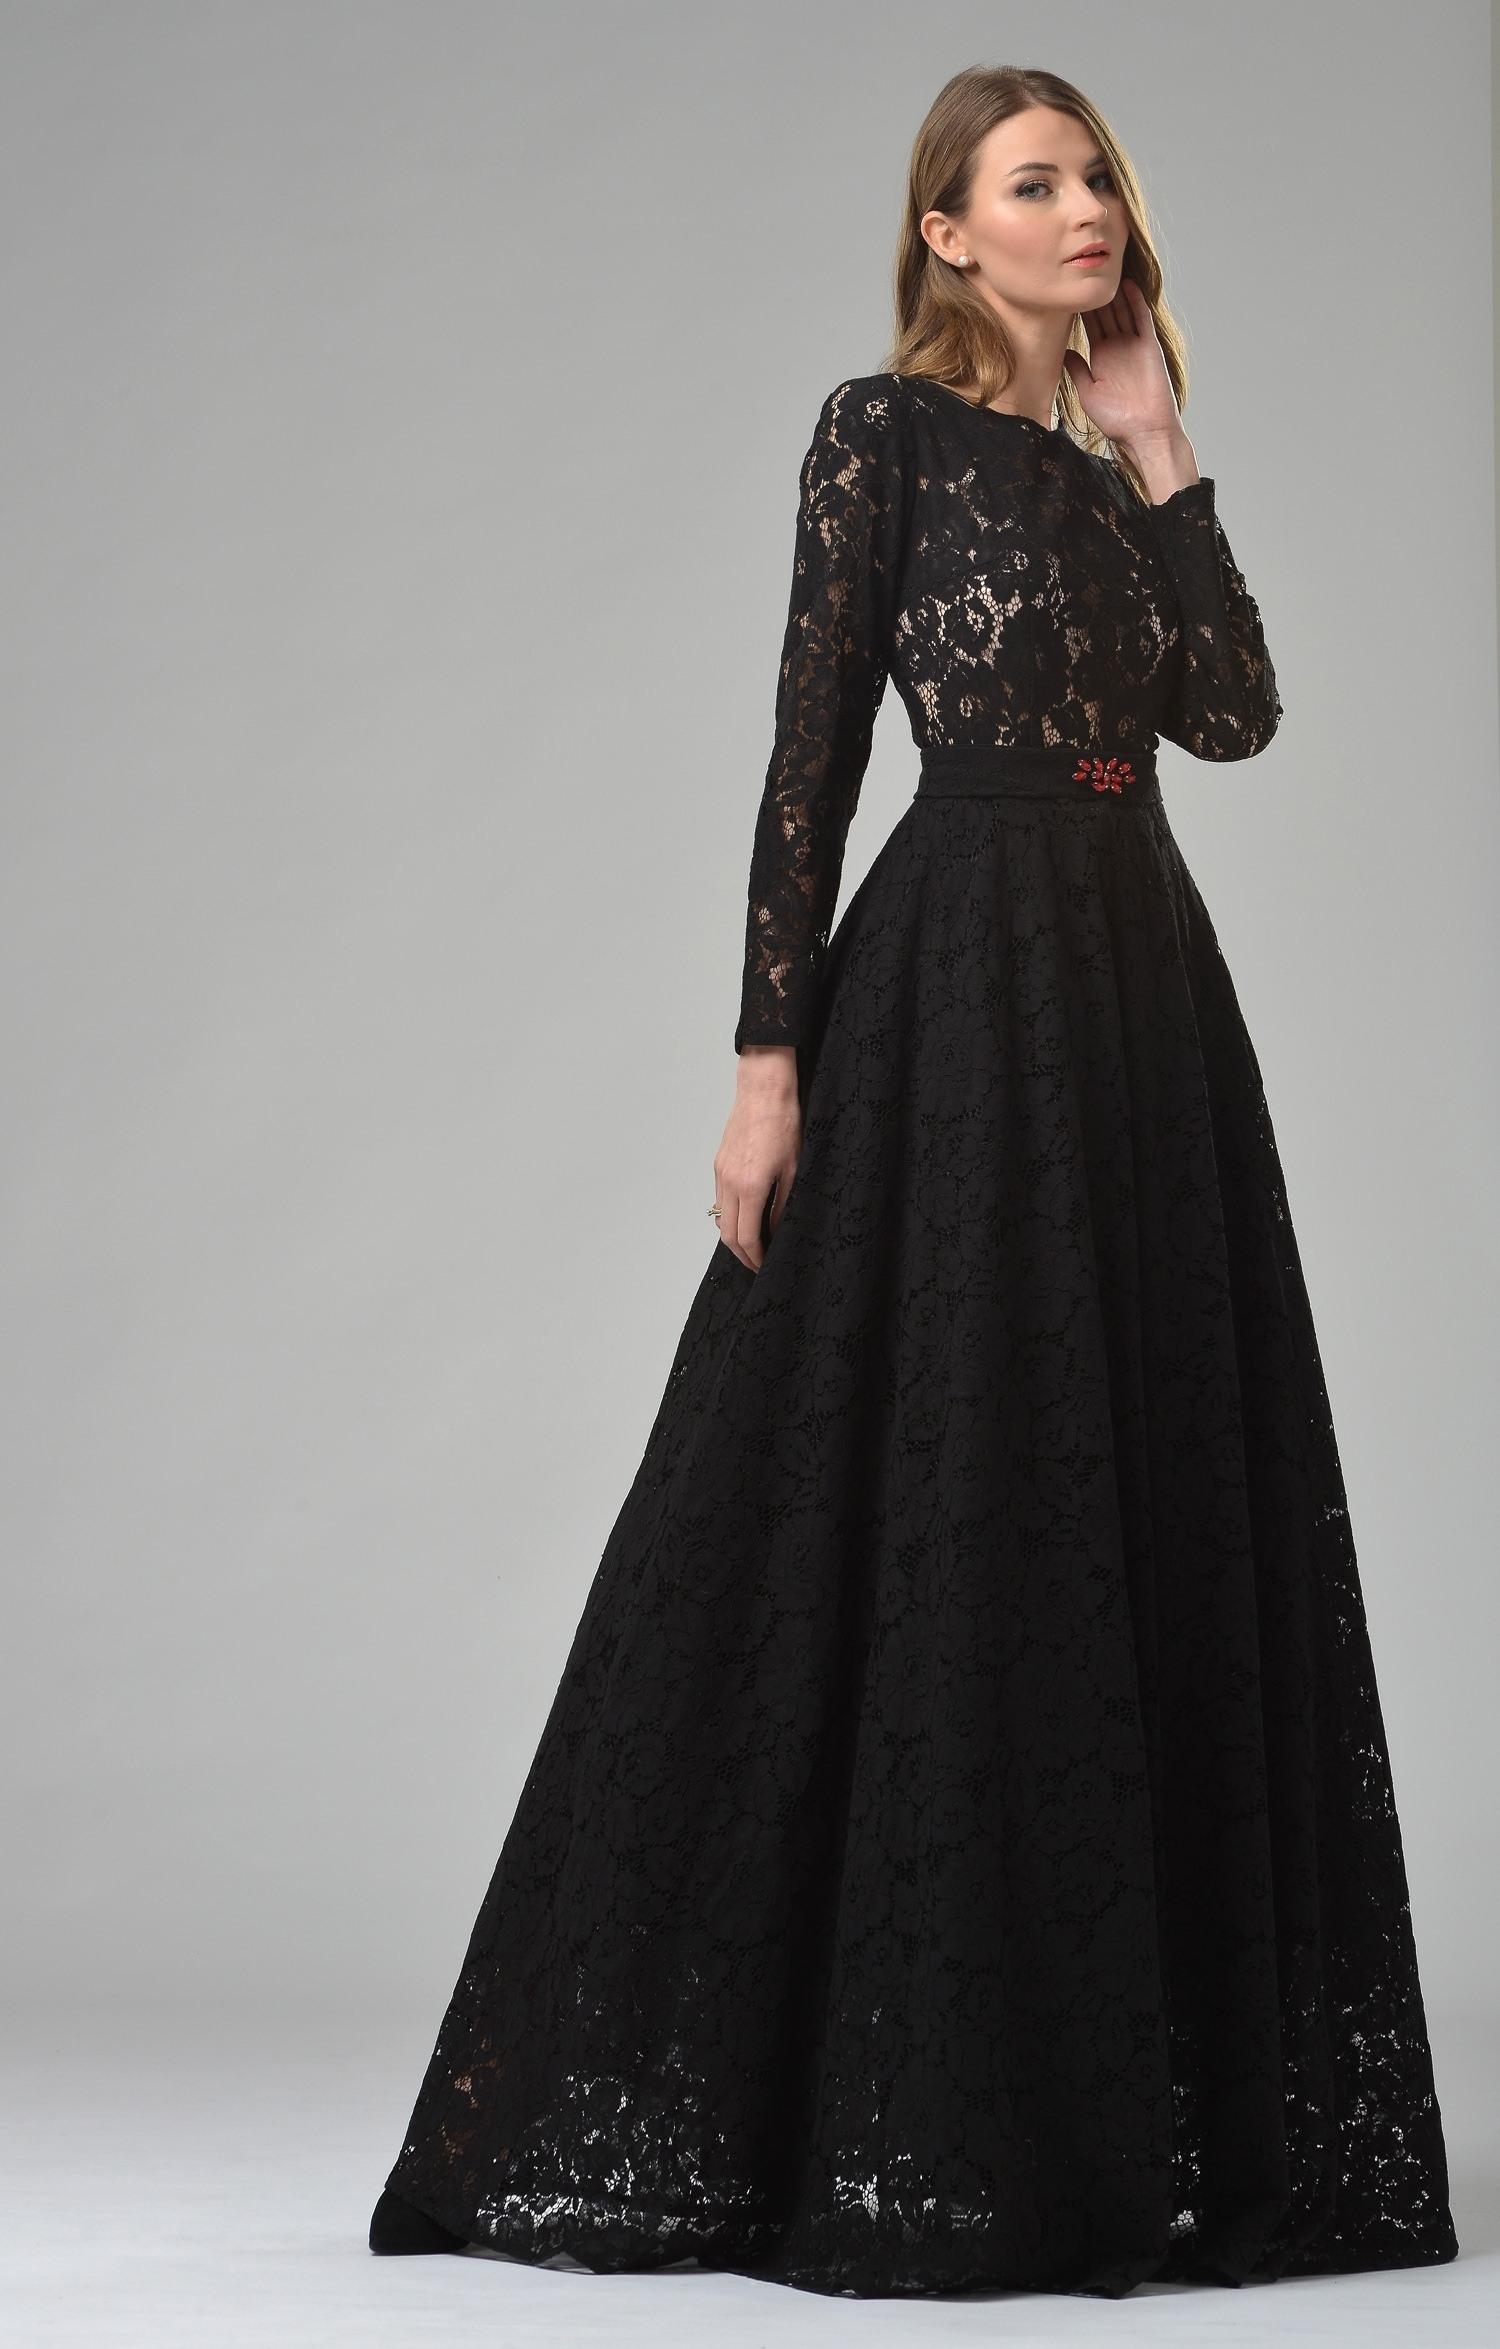 13 Wunderbar Schwarzes Kleid Lang Vertrieb - Abendkleid